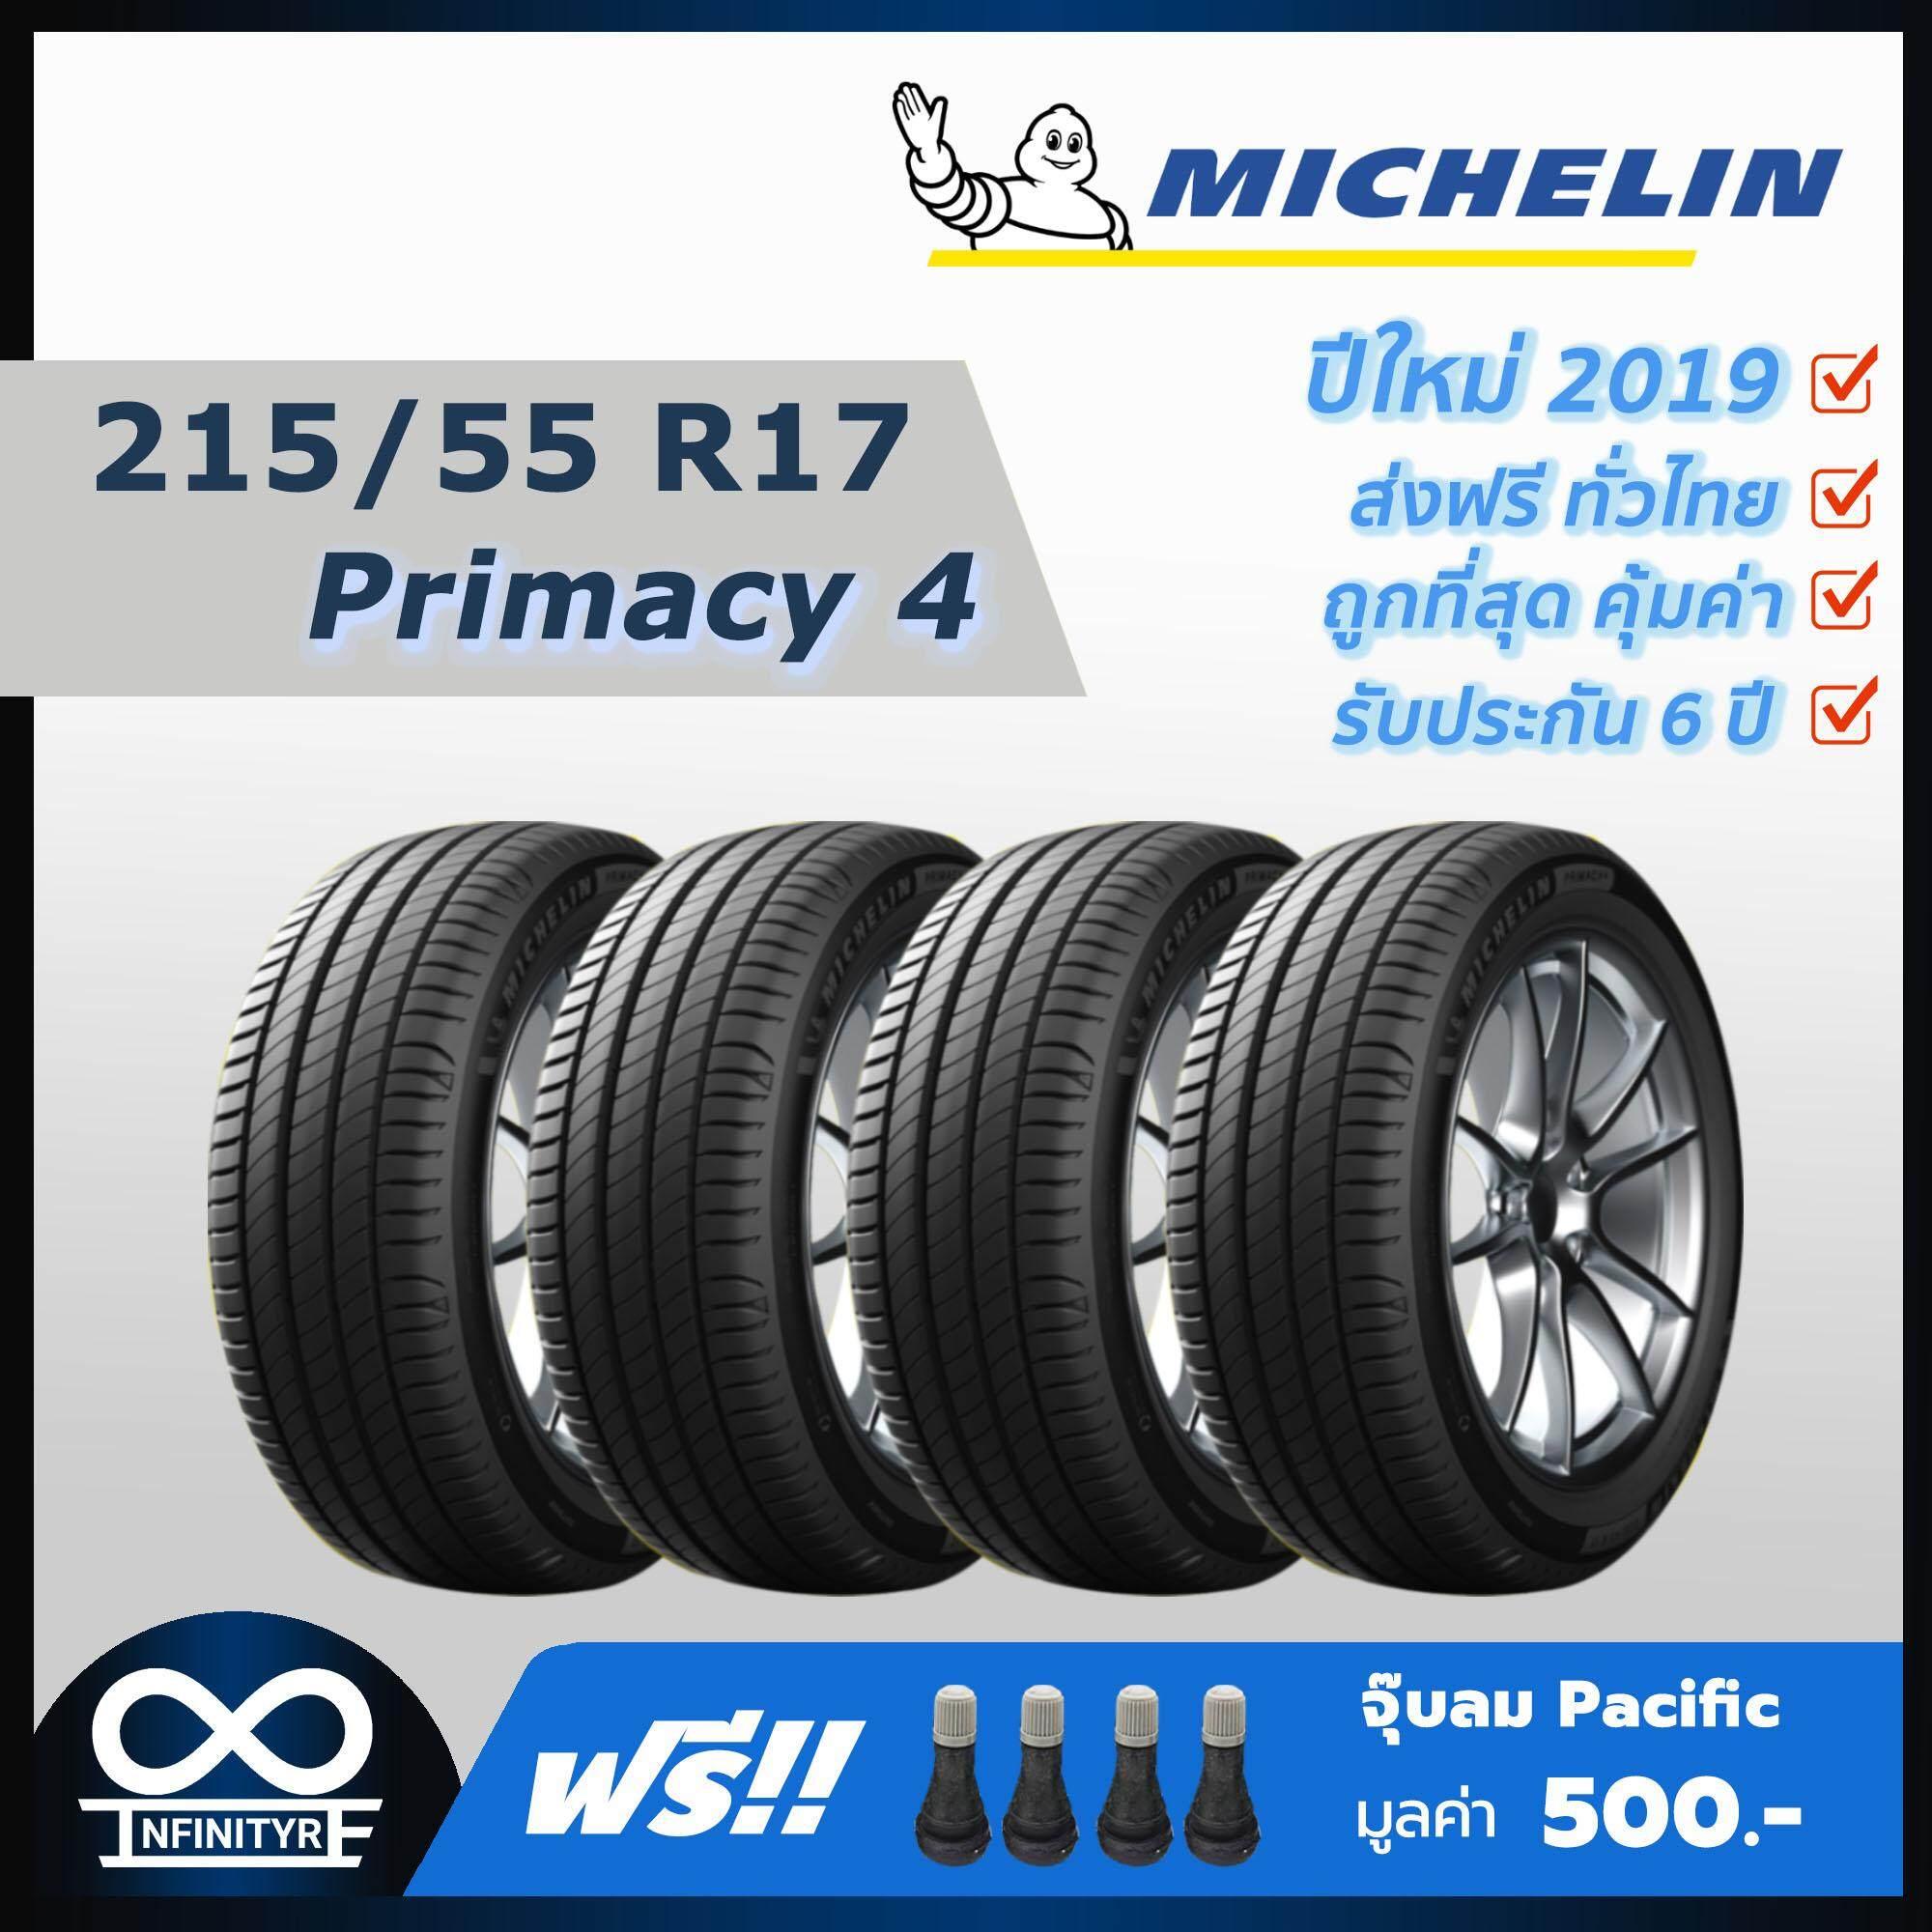 ประกันภัย รถยนต์ 2+ พังงา 215/55R17 Michelin มิชลิน รุ่น Primacy 4 (ปี2019) 4เส้น (ฟรี  จุ๊บลมPacific เกรดพรีเมี่ยม)